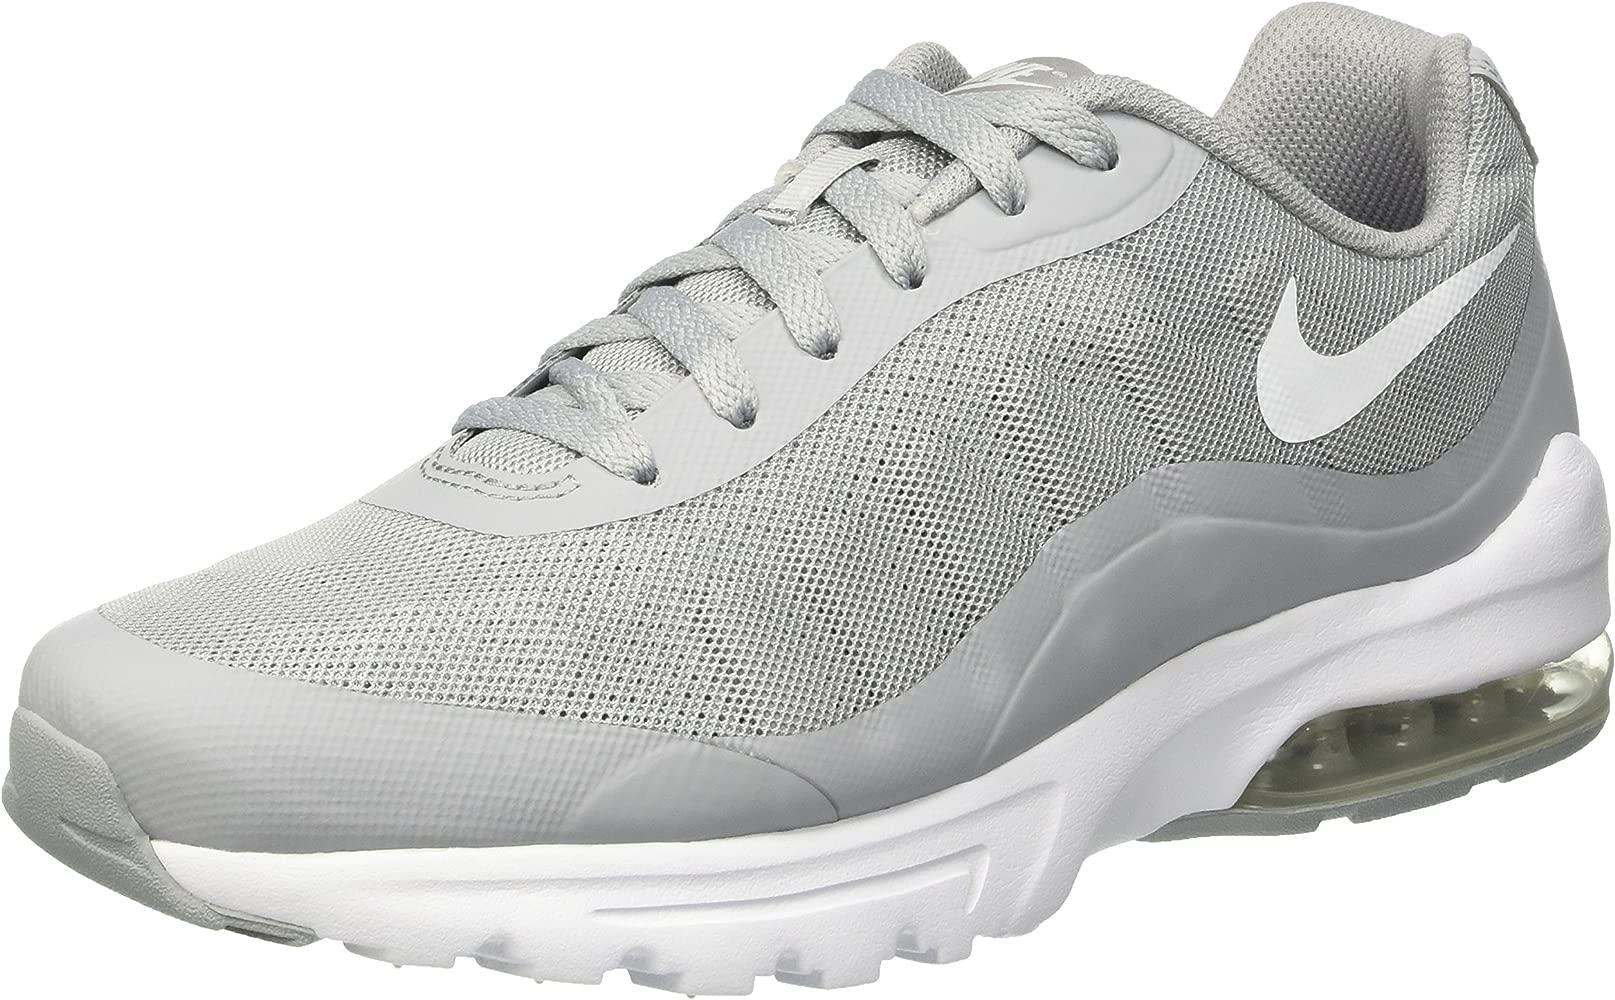 Nike Air MAX Invigor, Zapatillas de Gimnasia para Hombre